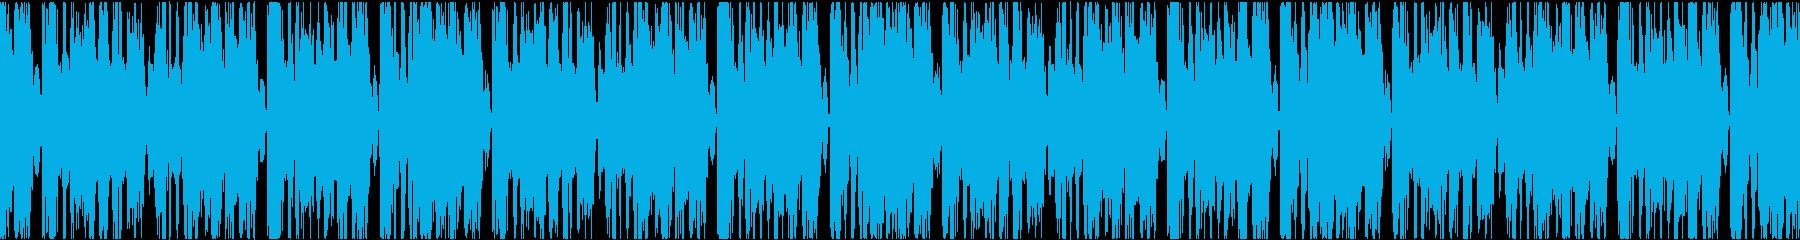 とんでもないインパクトのブレイクビーツの再生済みの波形